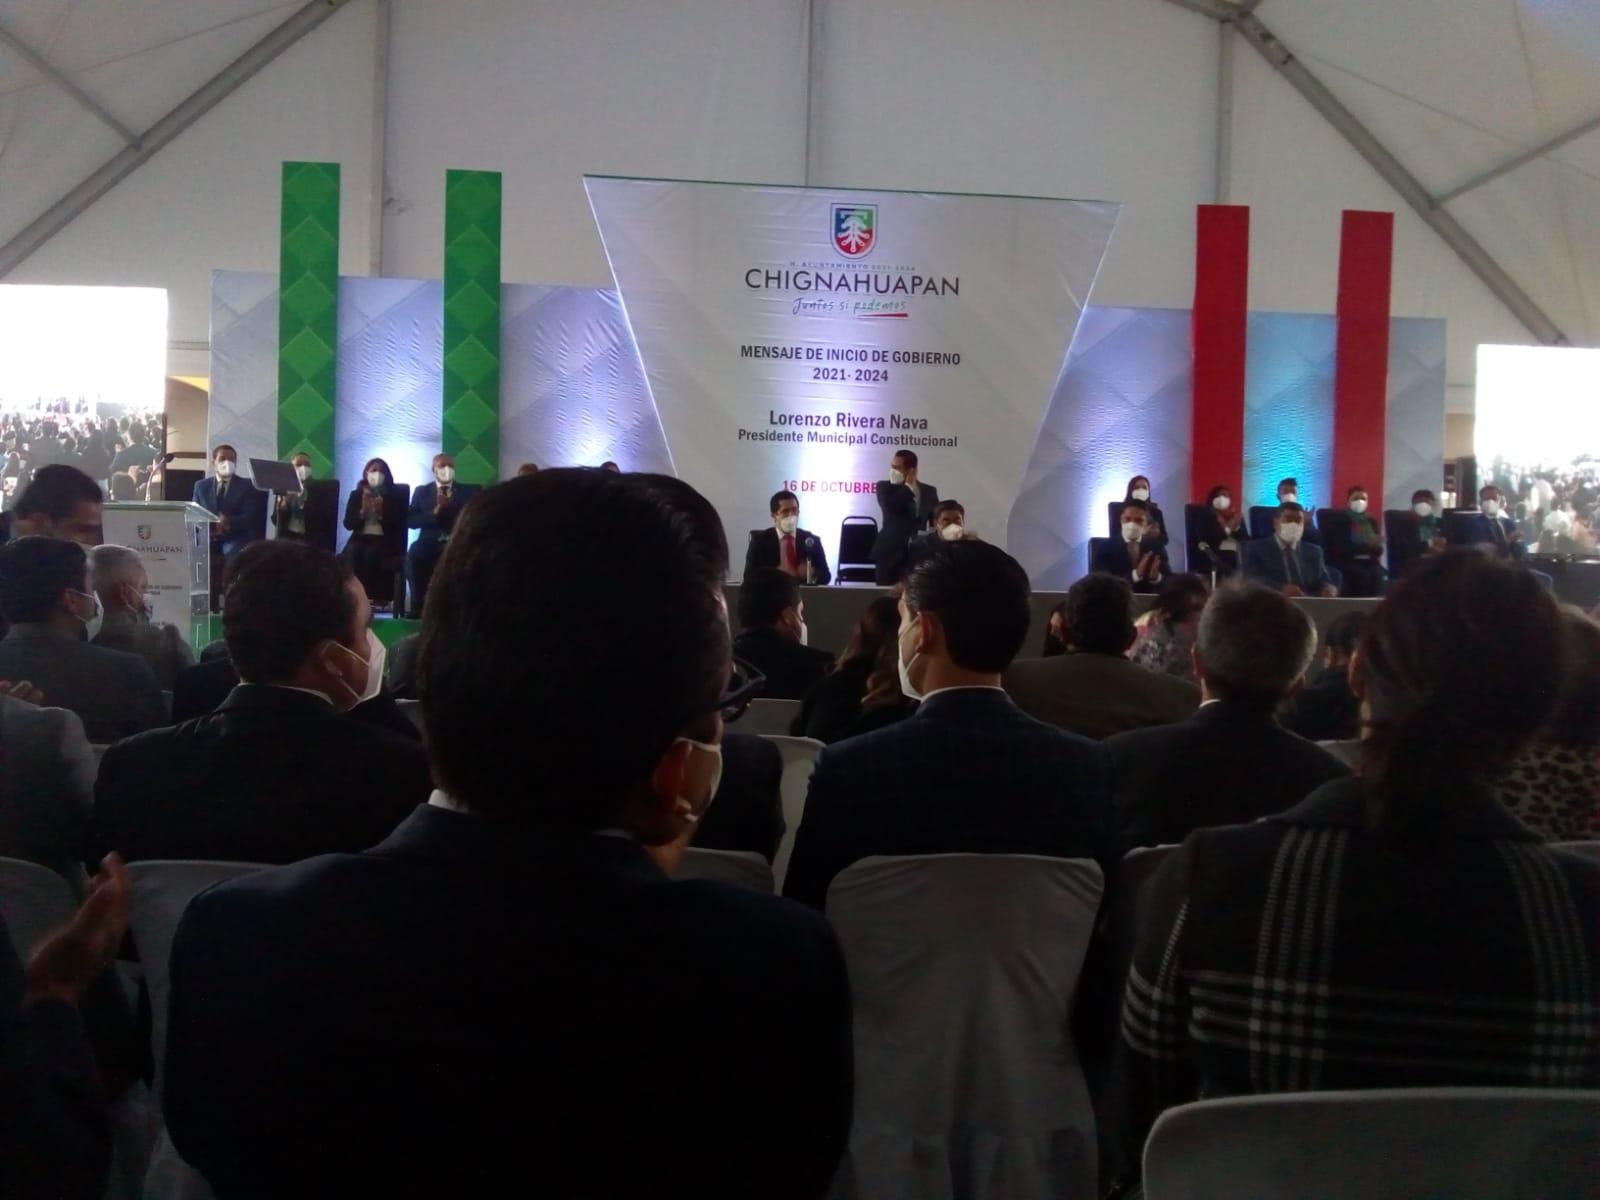 Video desde Puebla: Seguridad y combate a la pobreza, prioridades en Chignahuapan, reiteró Lorenzo Rivera Nava